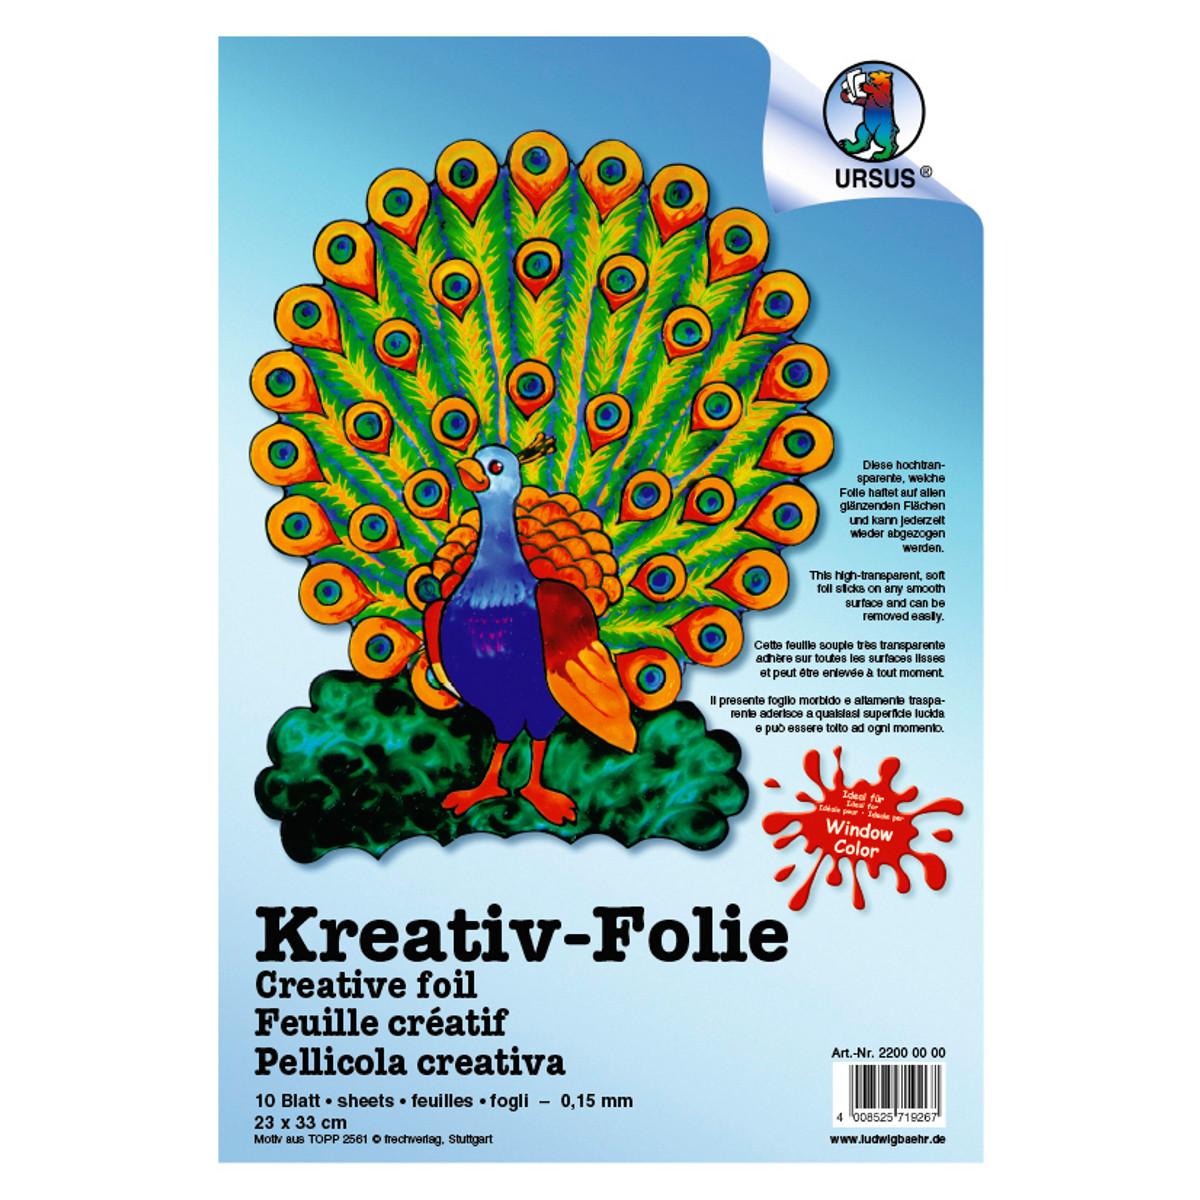 Kreativ-Folie 33 x 46 cm - 10 Blatt